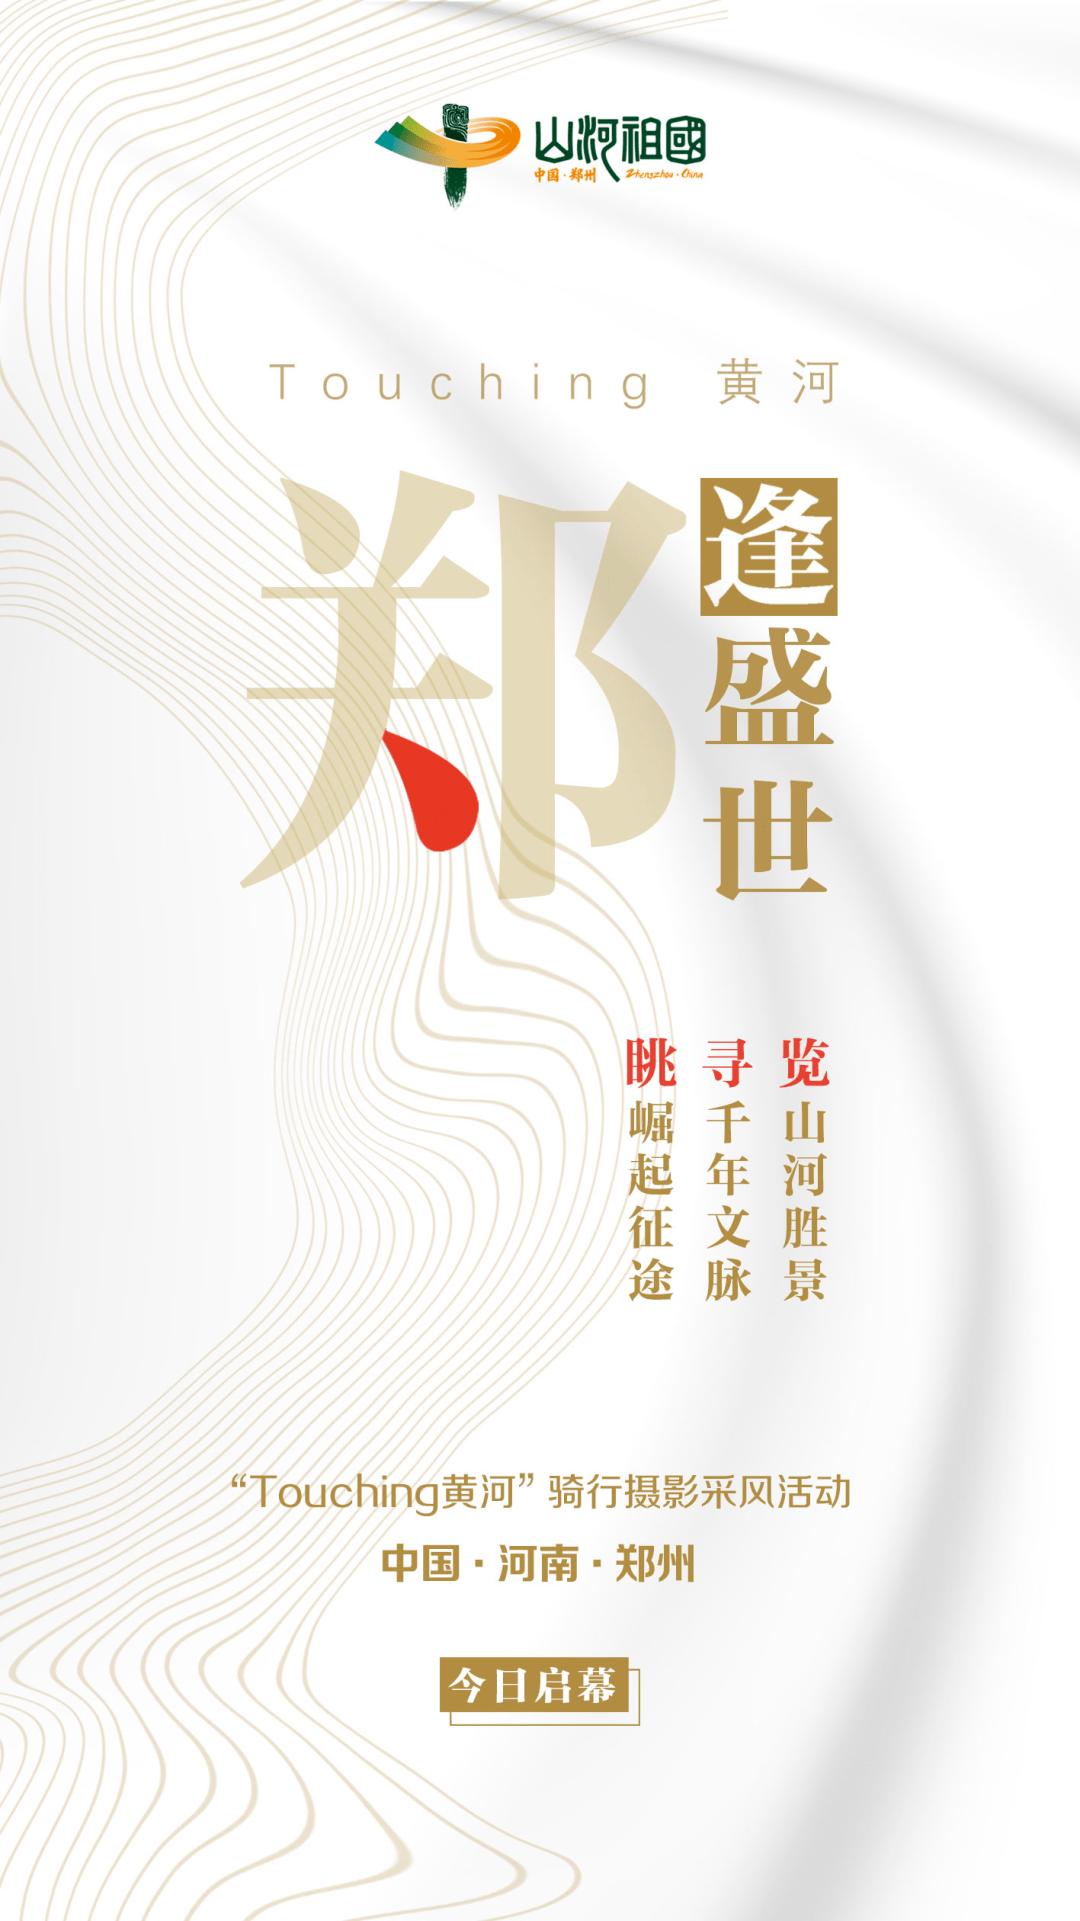 """穿越""""山""""""""河""""""""祖""""""""国"""",""""Touching黄河""""骑行采风活动今日启幕!"""